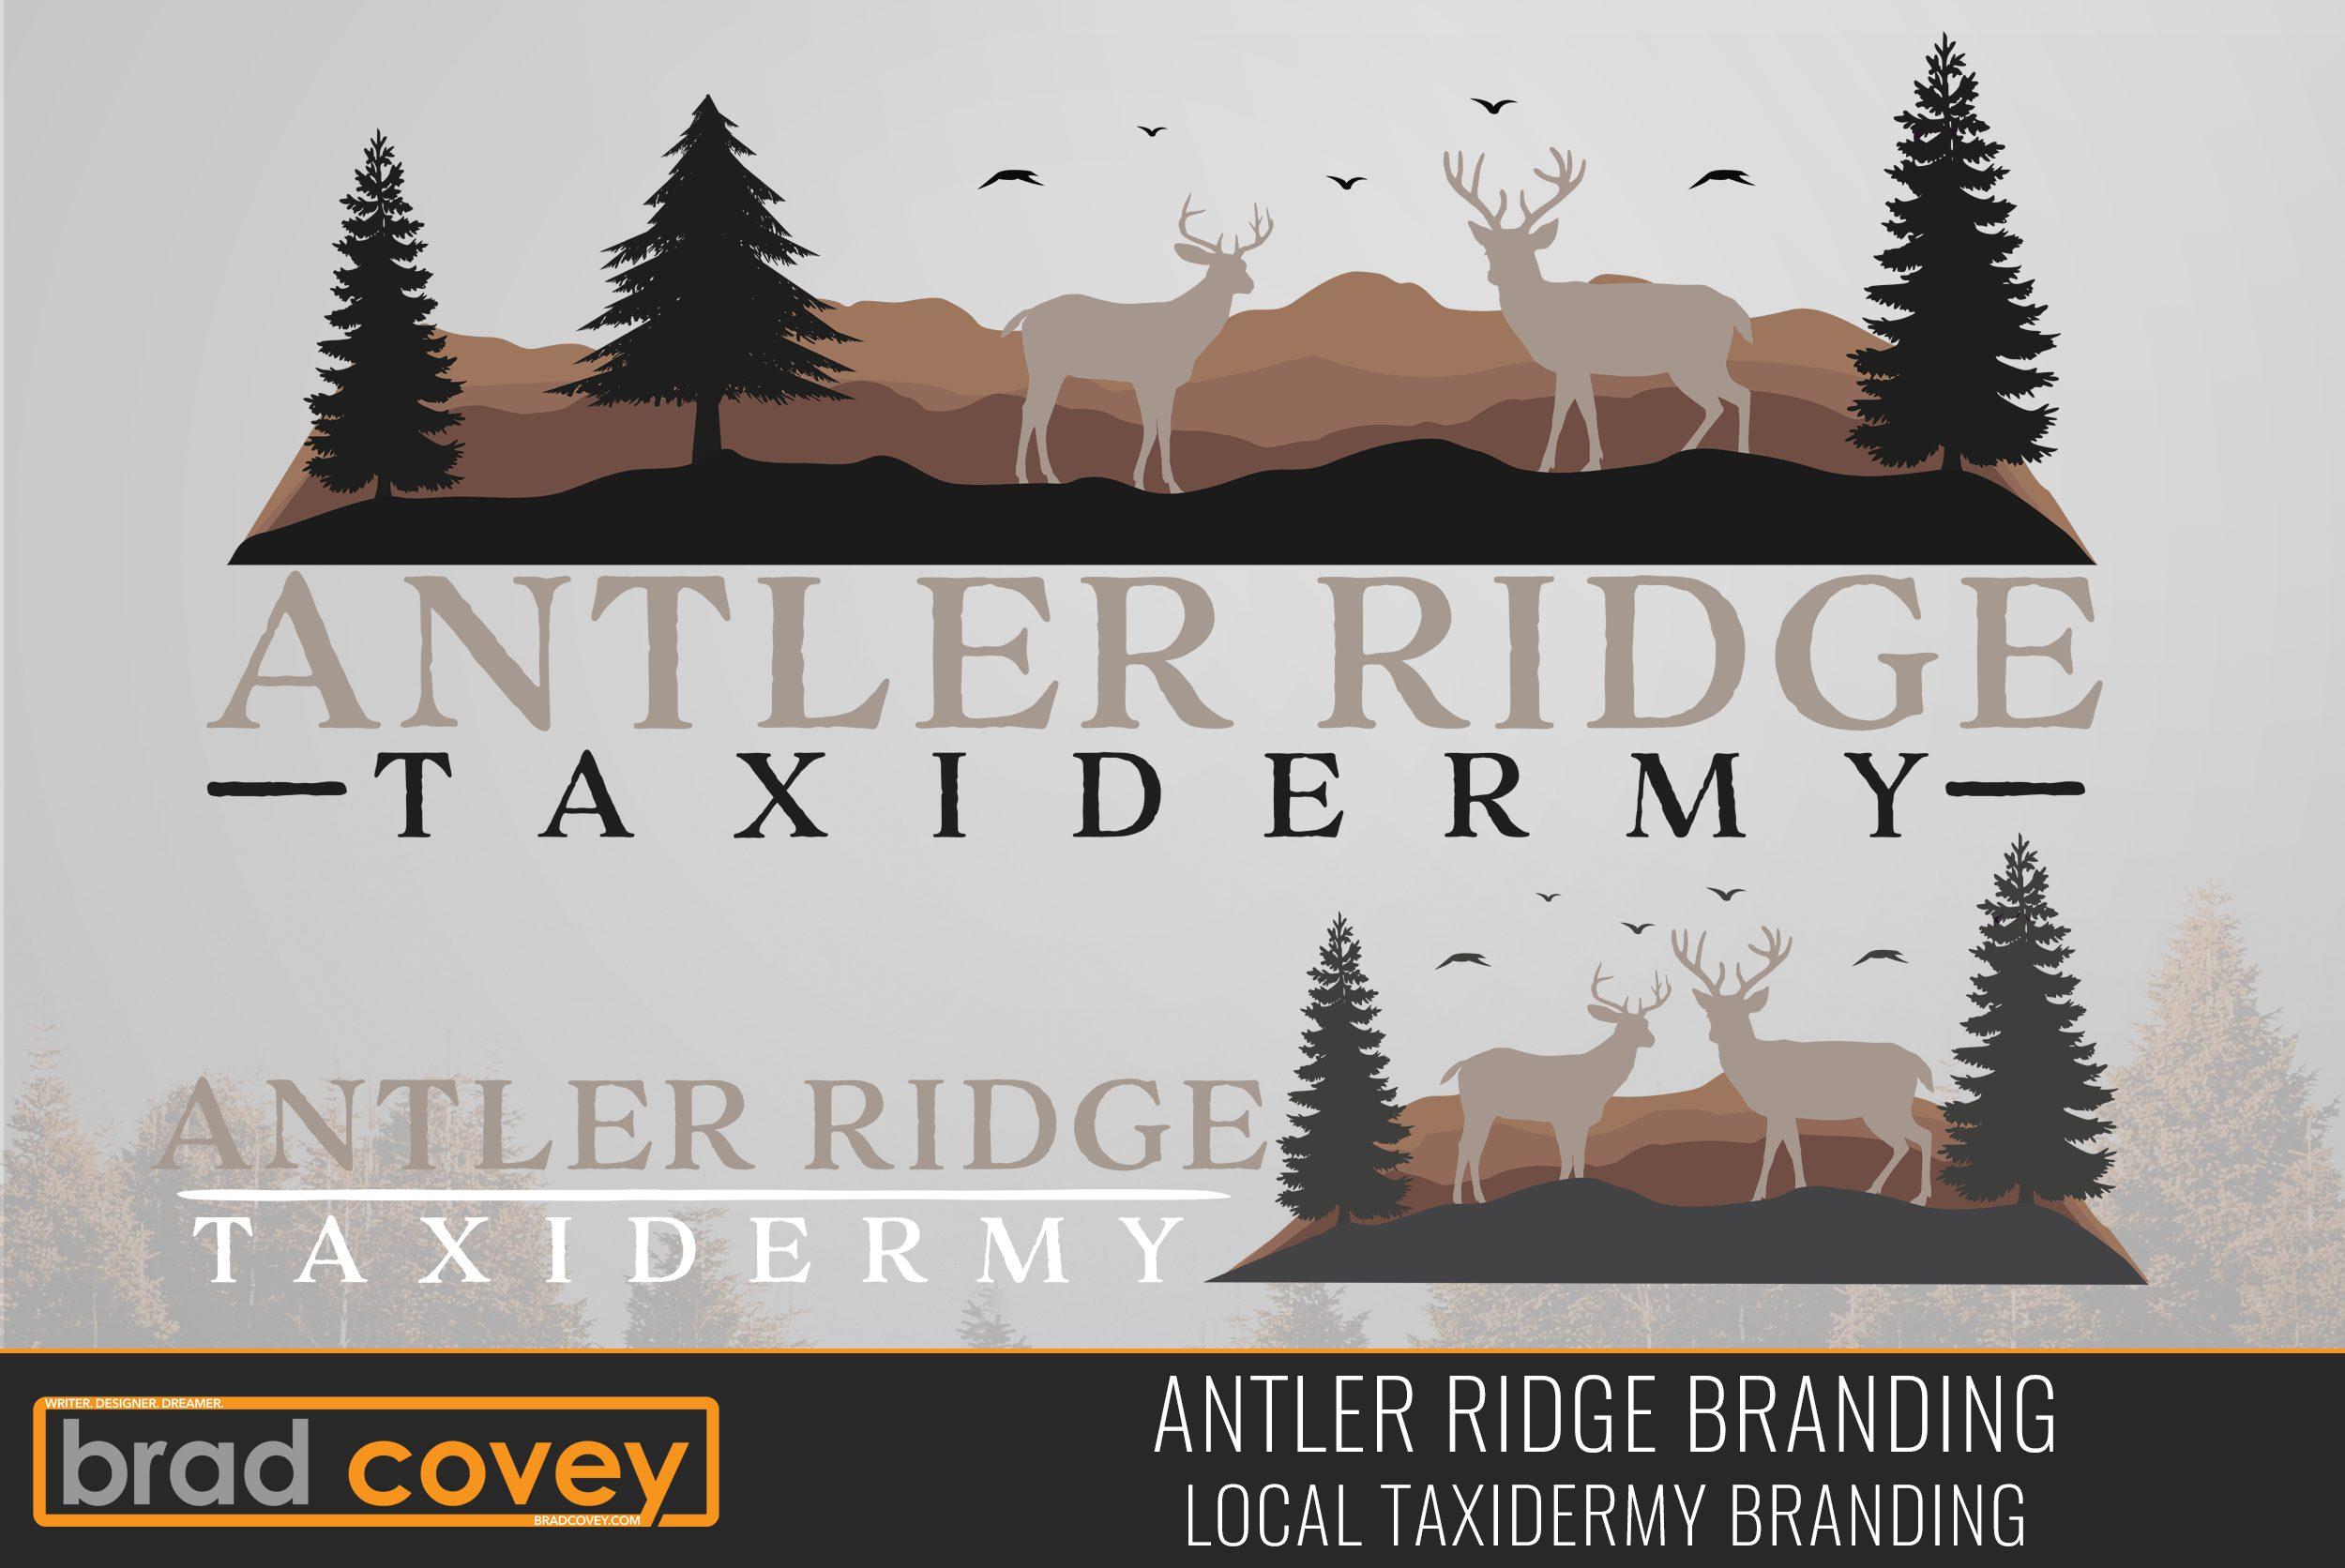 aridge_branding